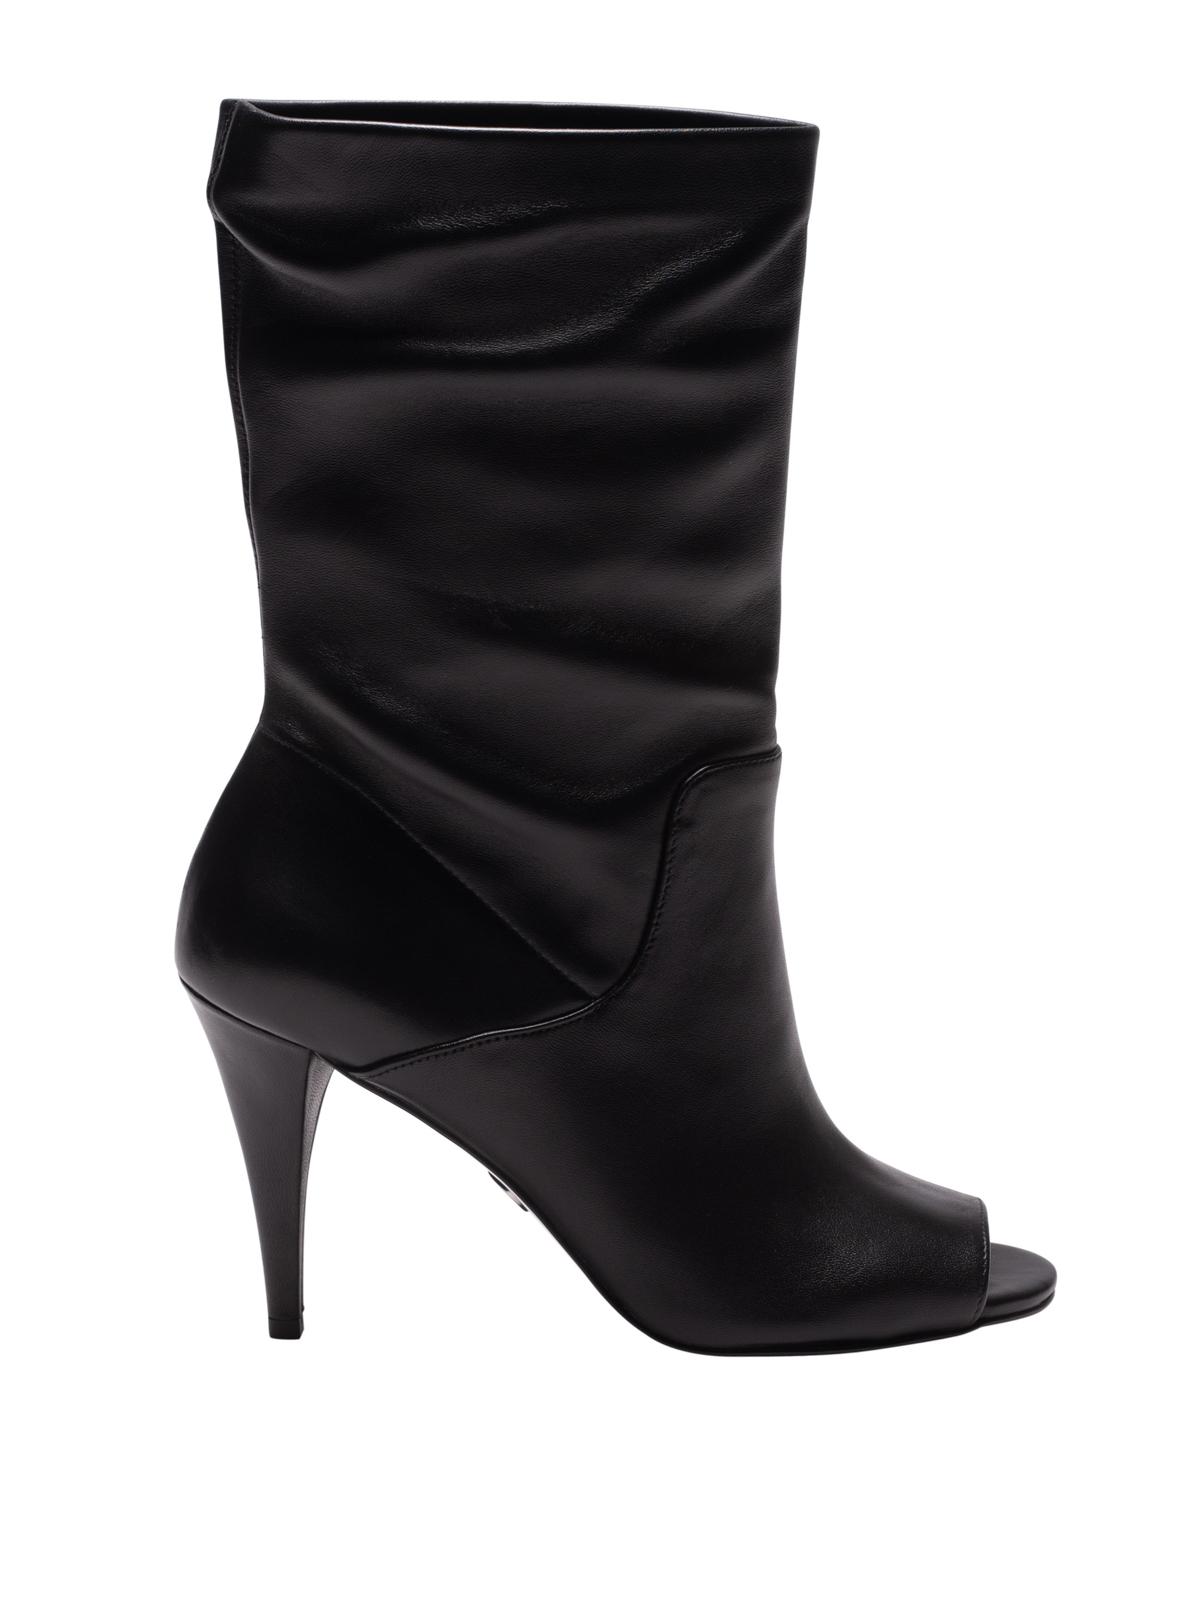 Elaine black leather peep toe booties